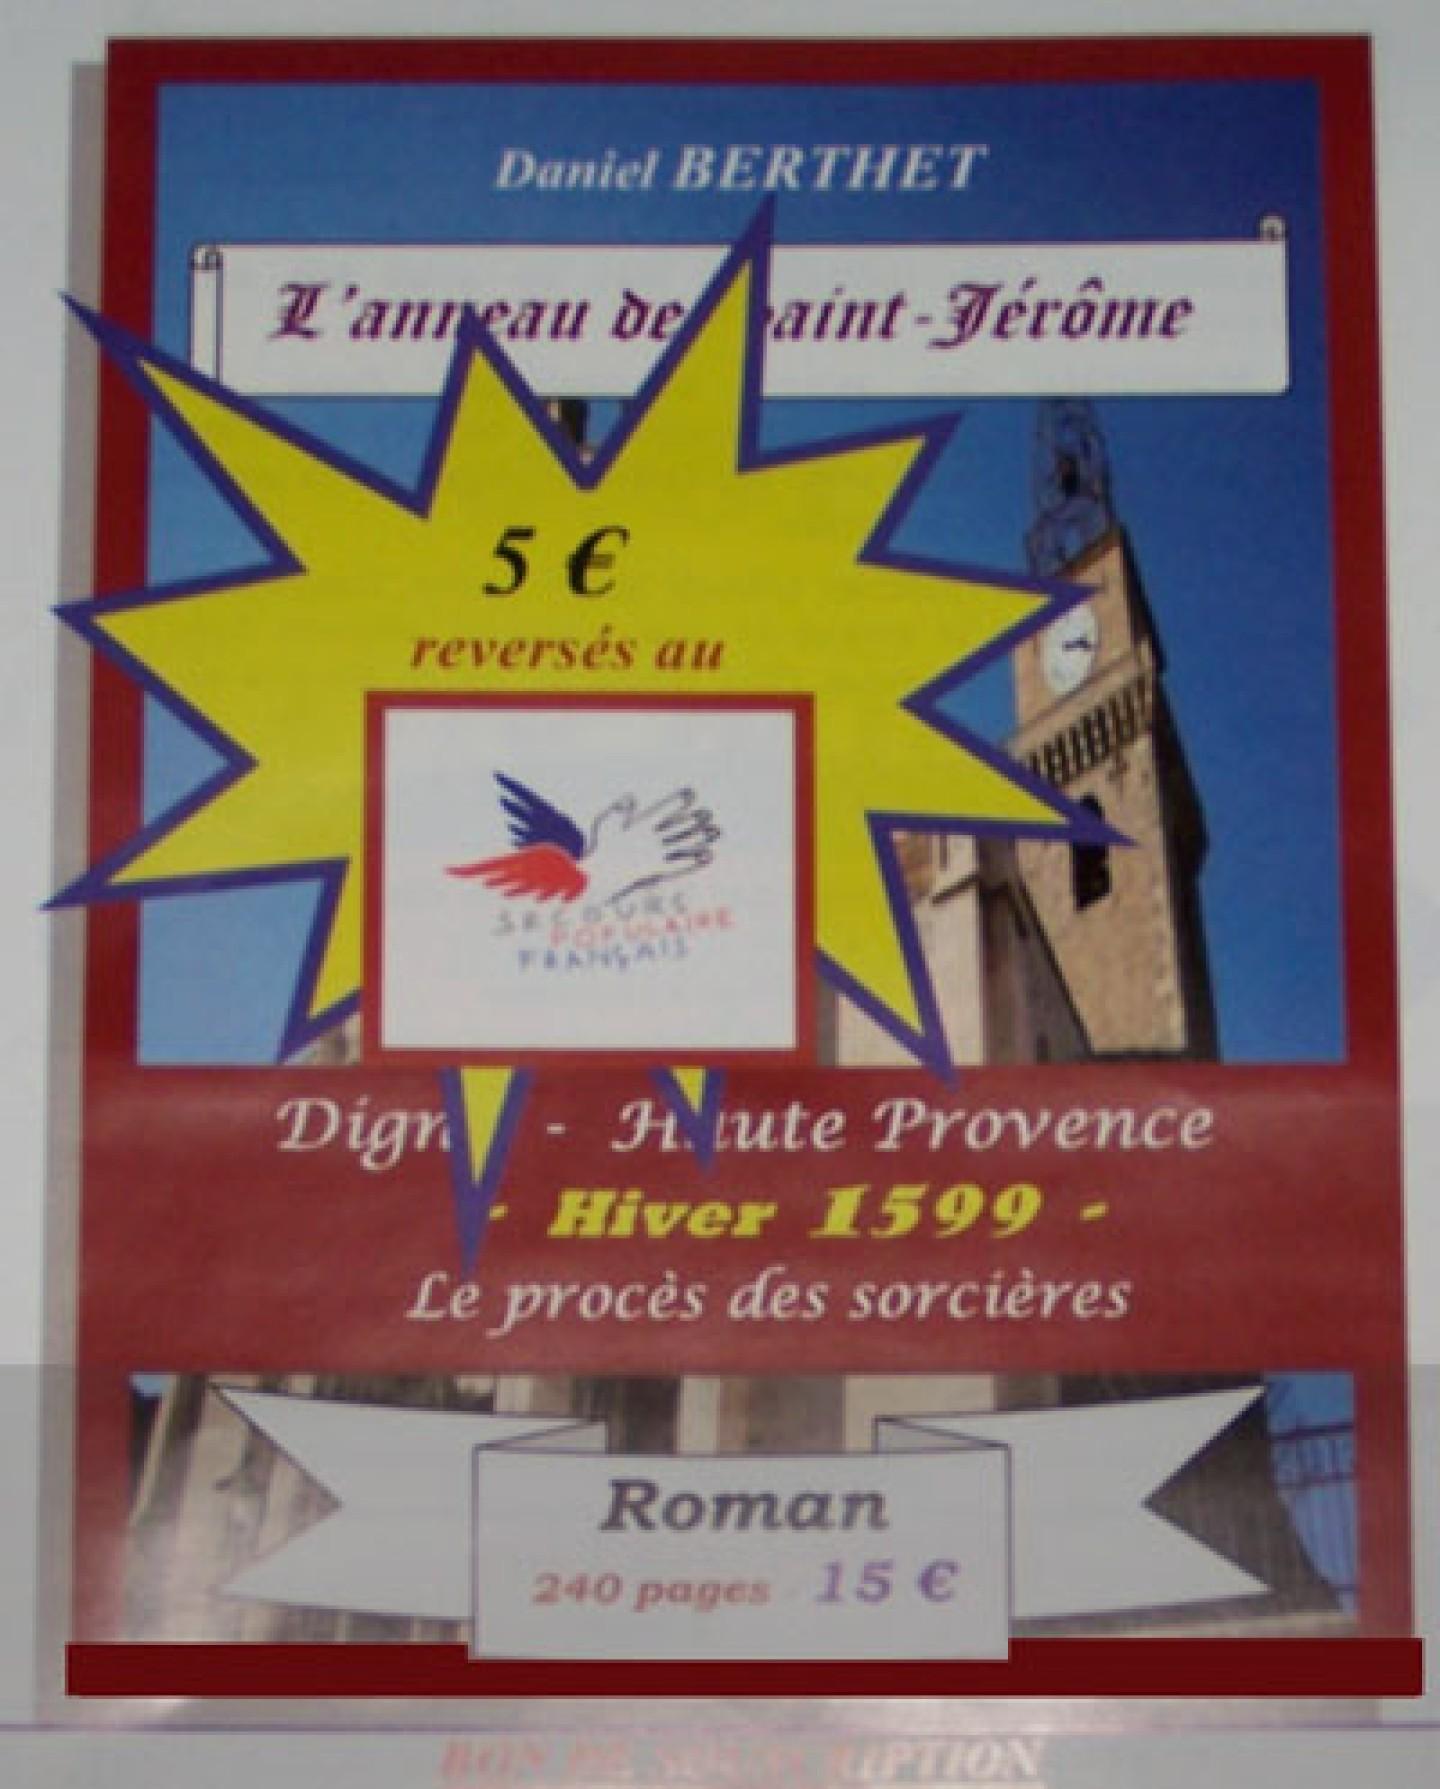 L'anneau de Saint Jérôme de Daniel Berthet